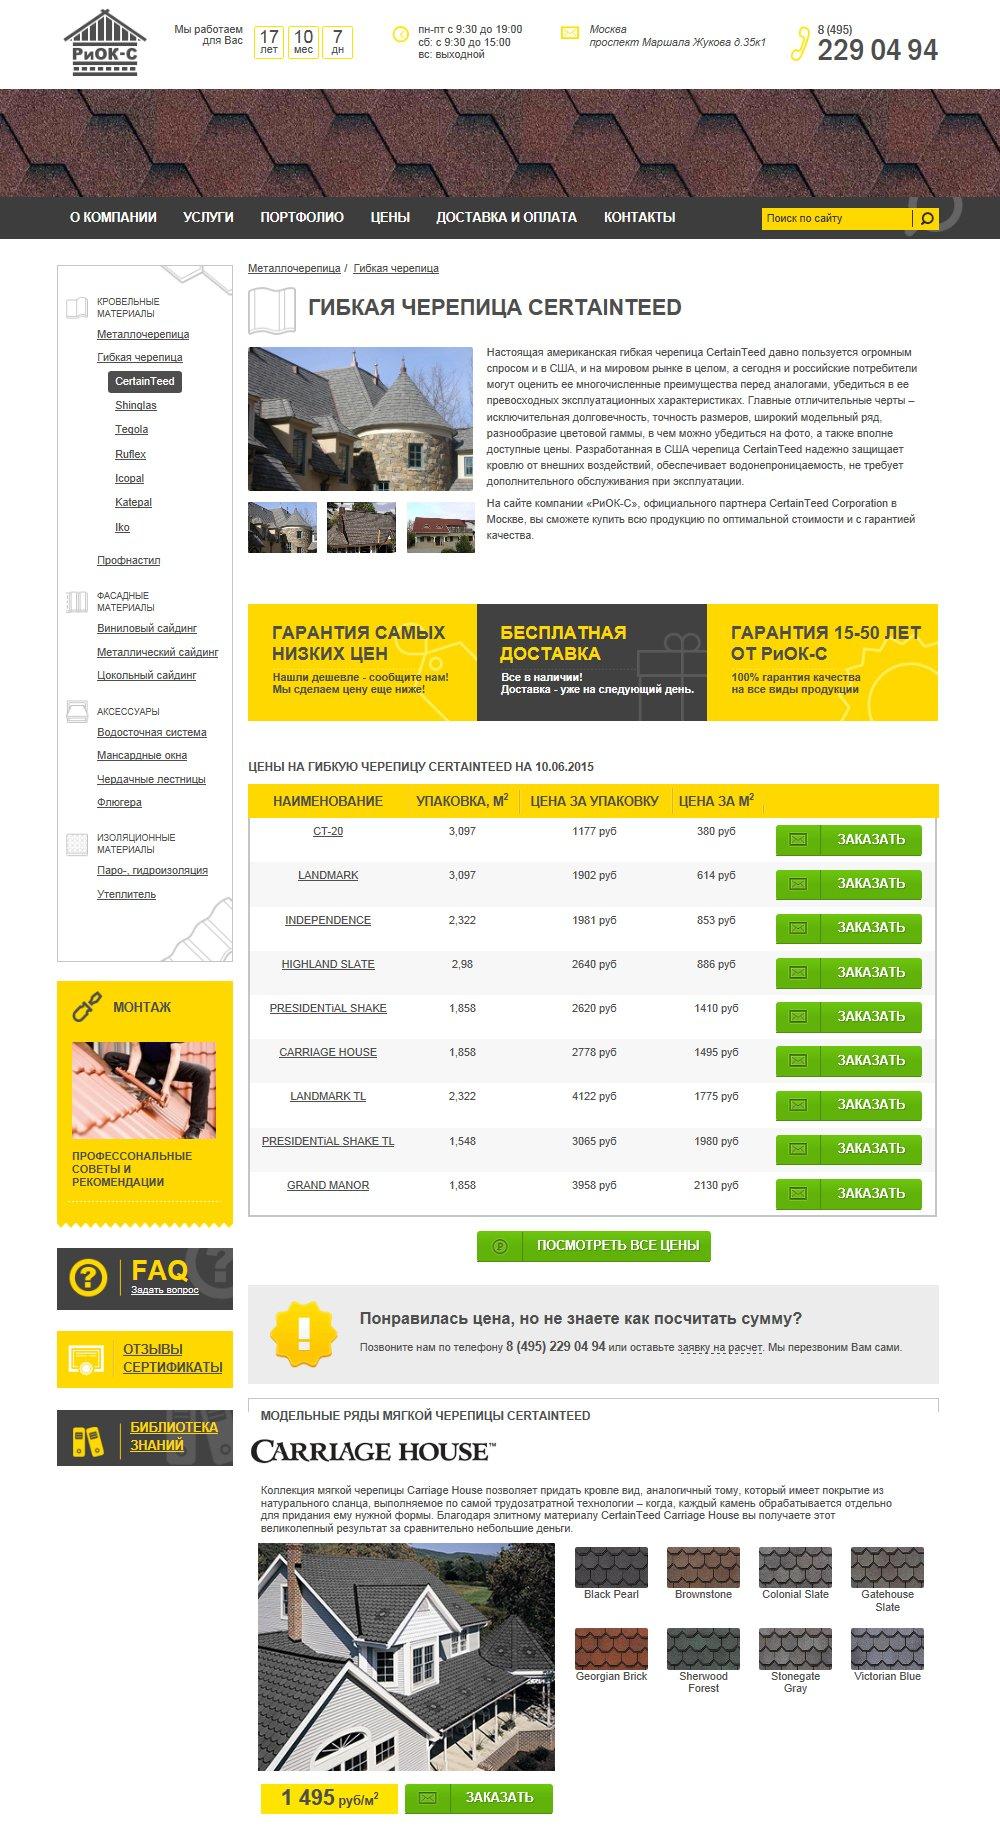 Внутренний раздел на сайте компании РиОК-С